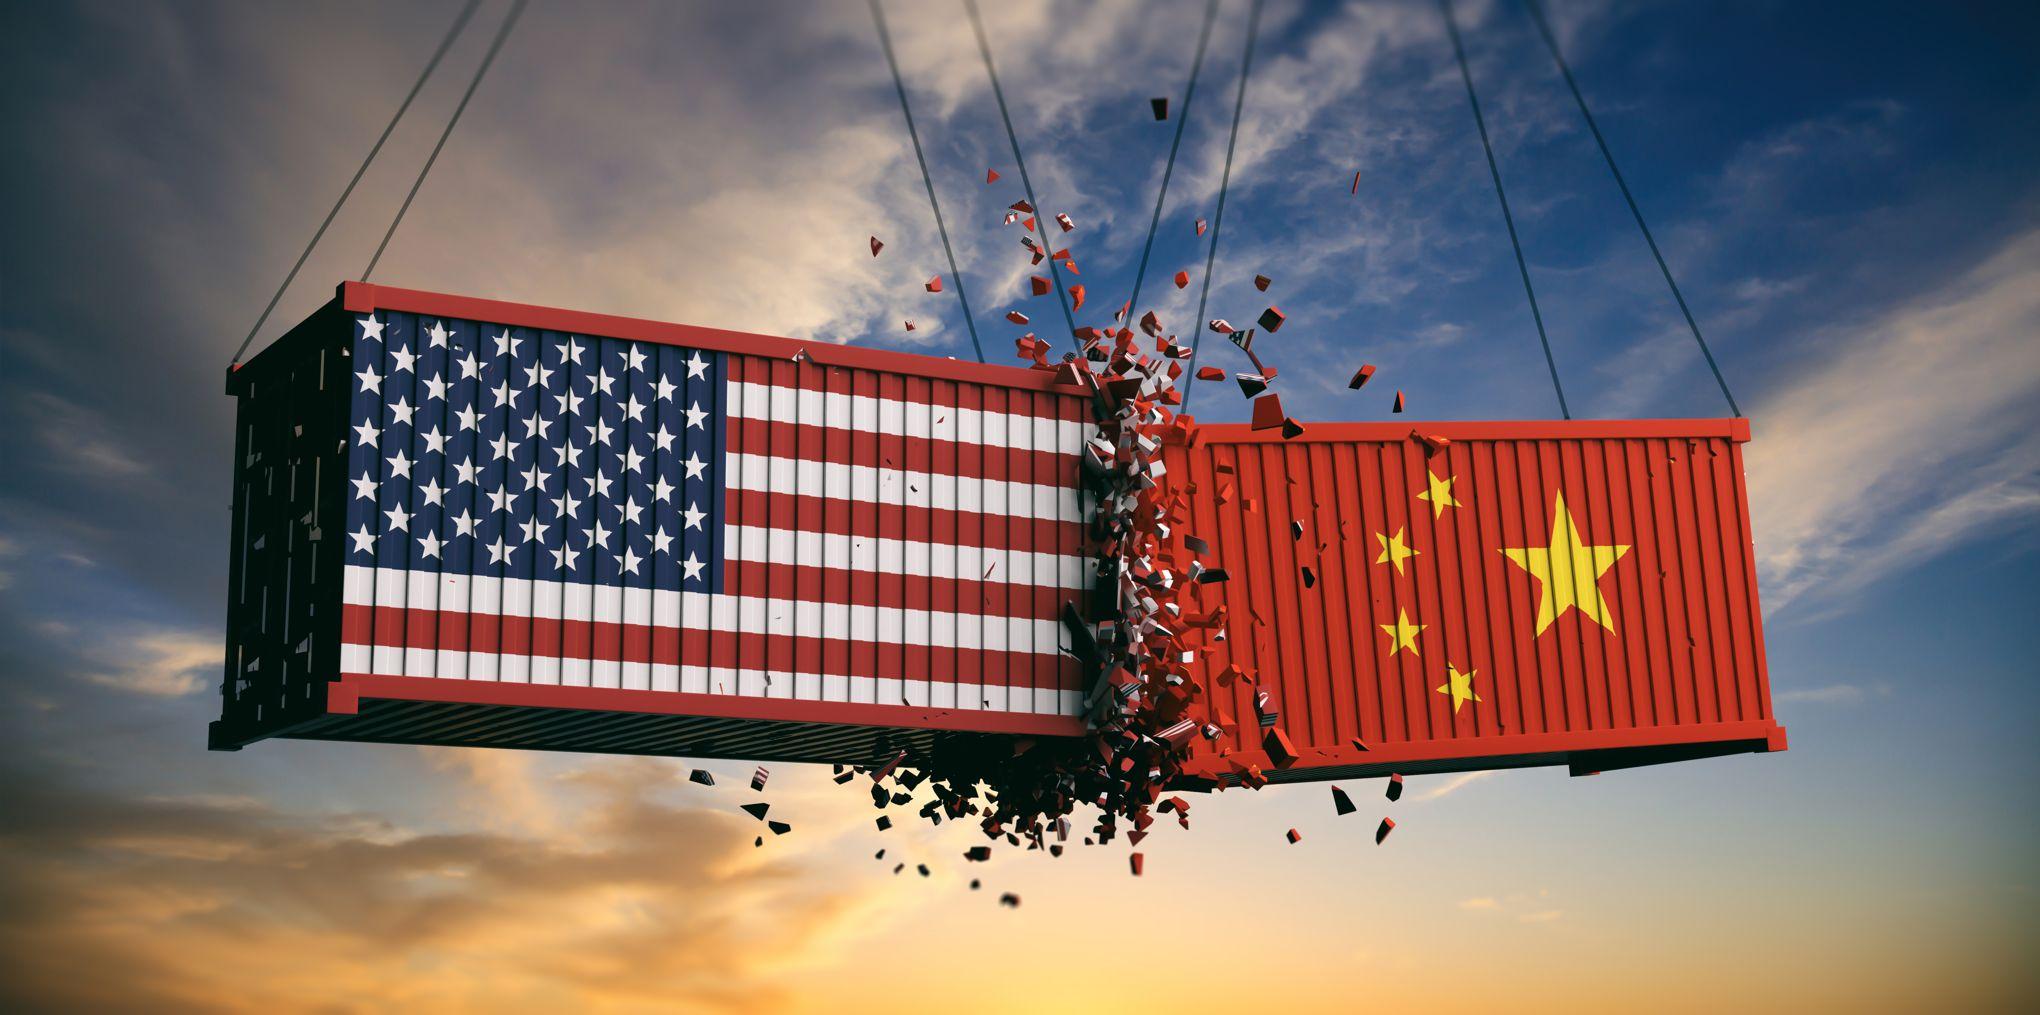 guerre commerciale chine etats-unis